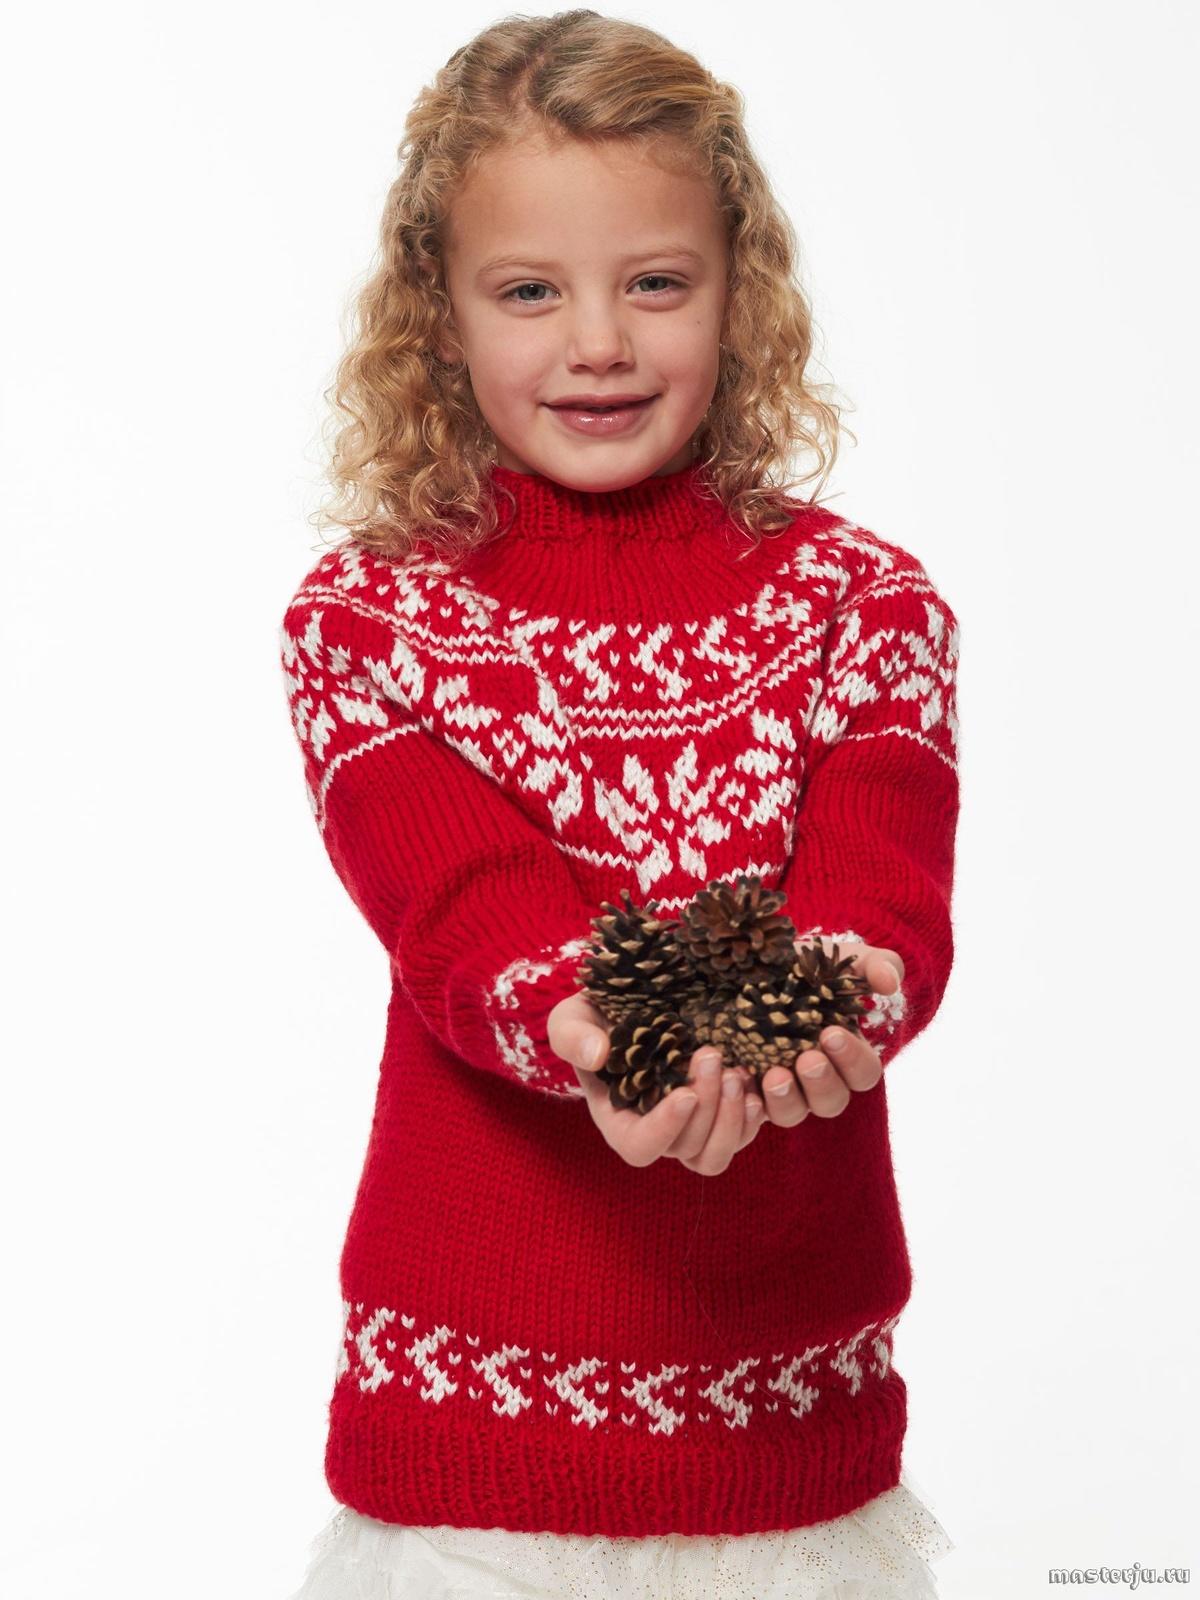 Пуловер с жаккардовым узором для девочки